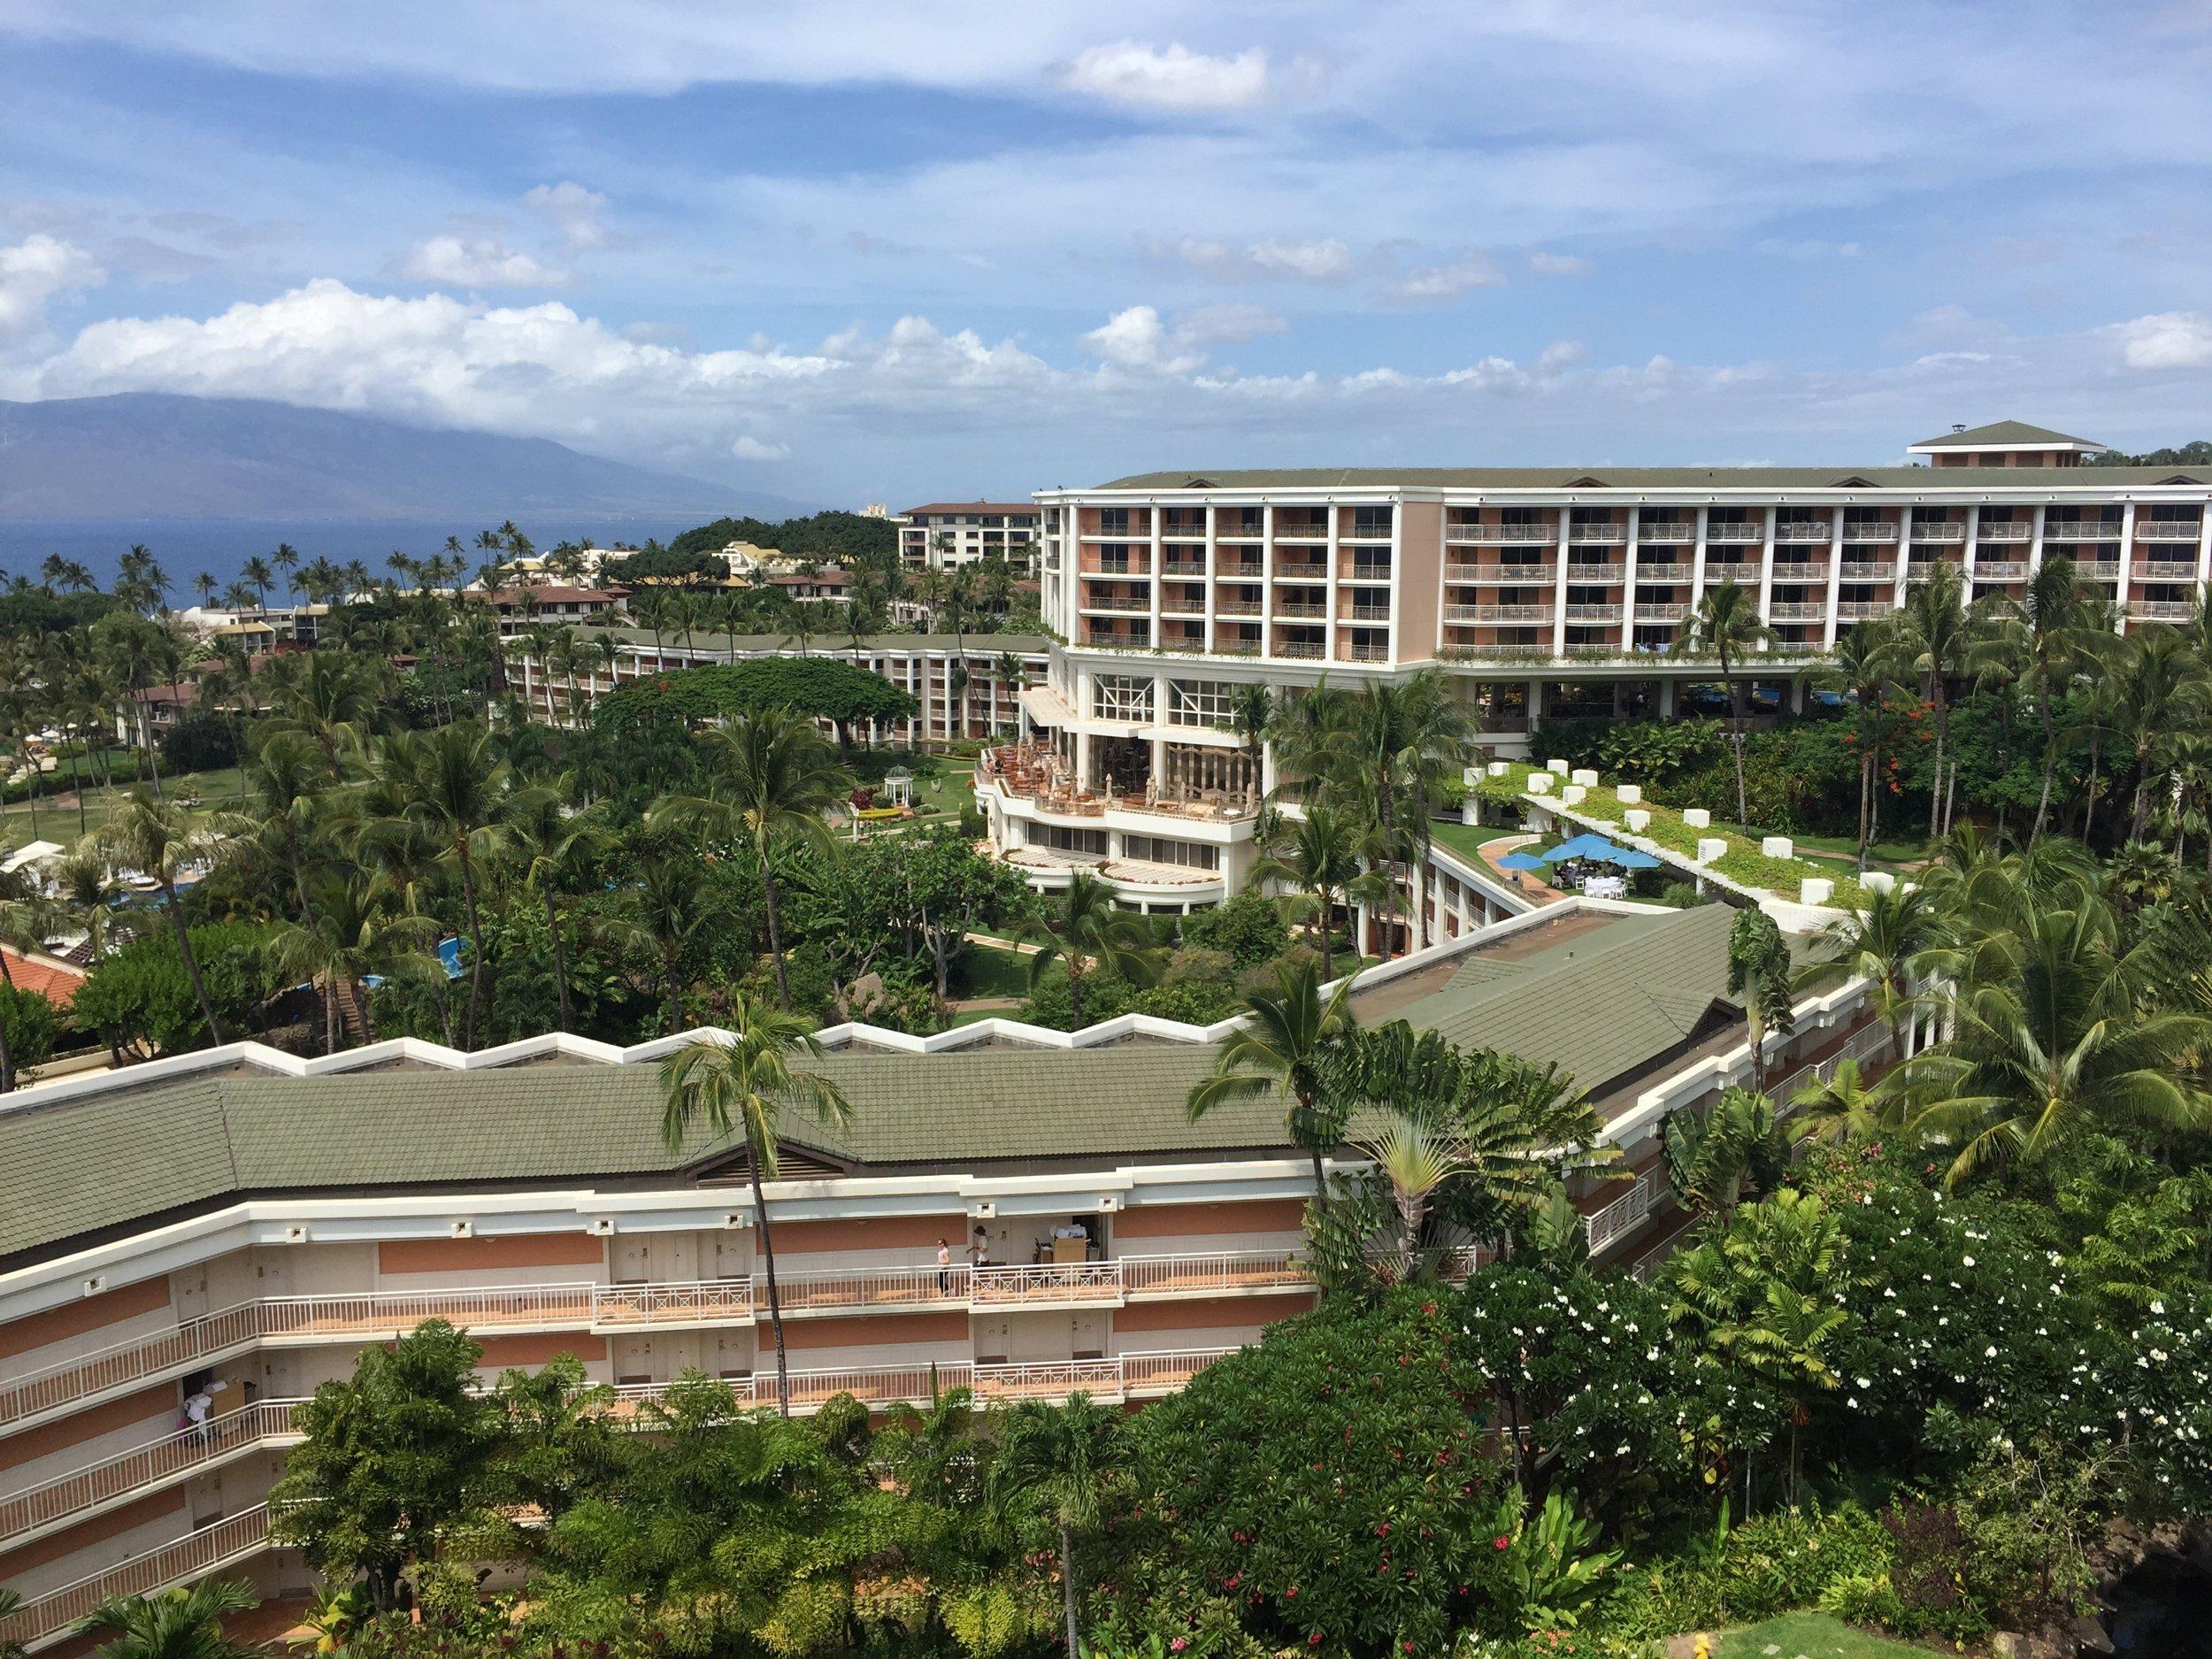 Hotels_GW1.jpg